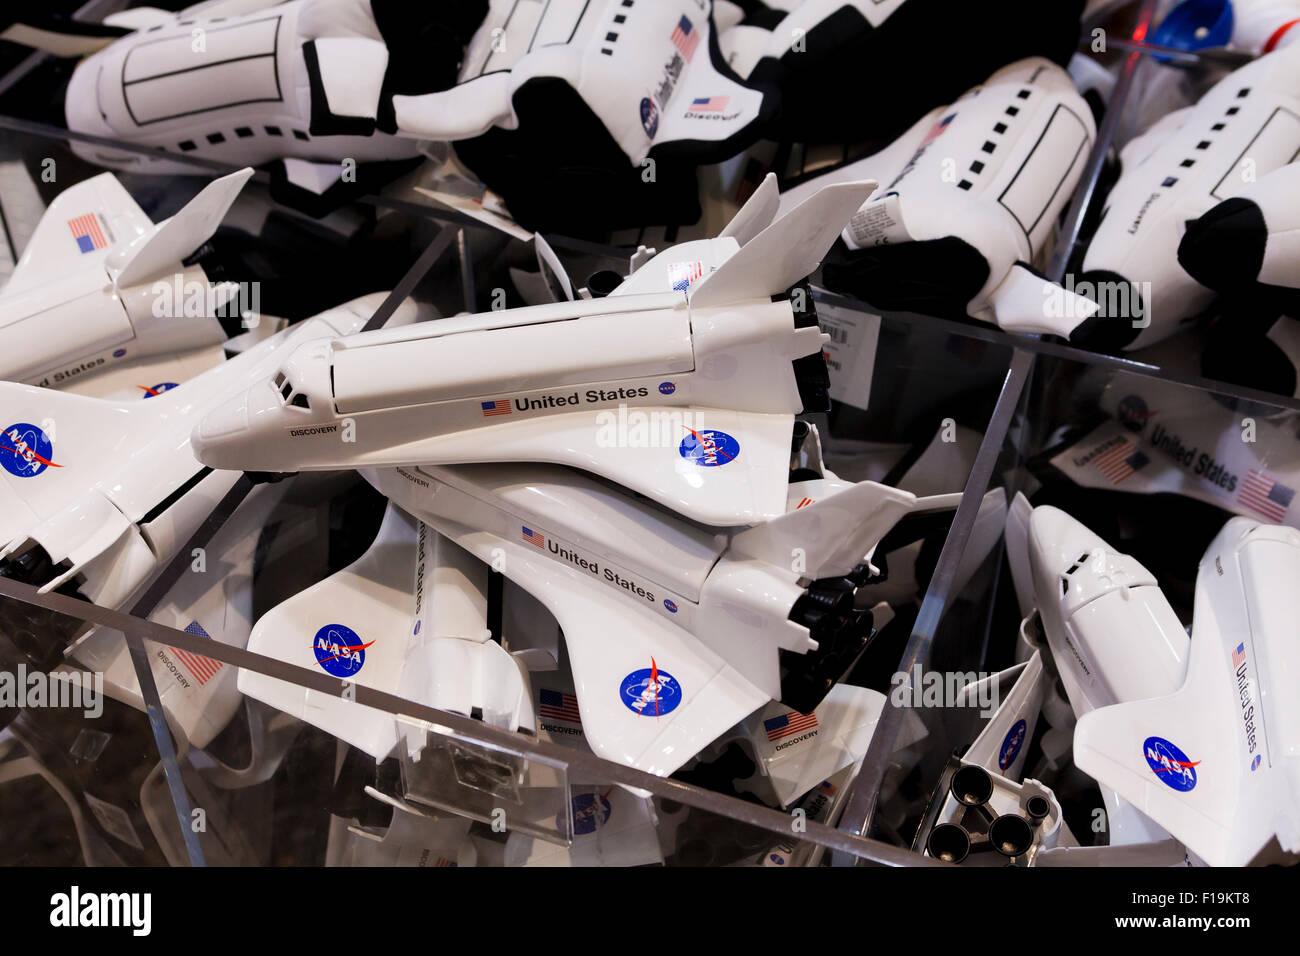 Les jouets de la navette spatiale de la NASA - USA Photo Stock